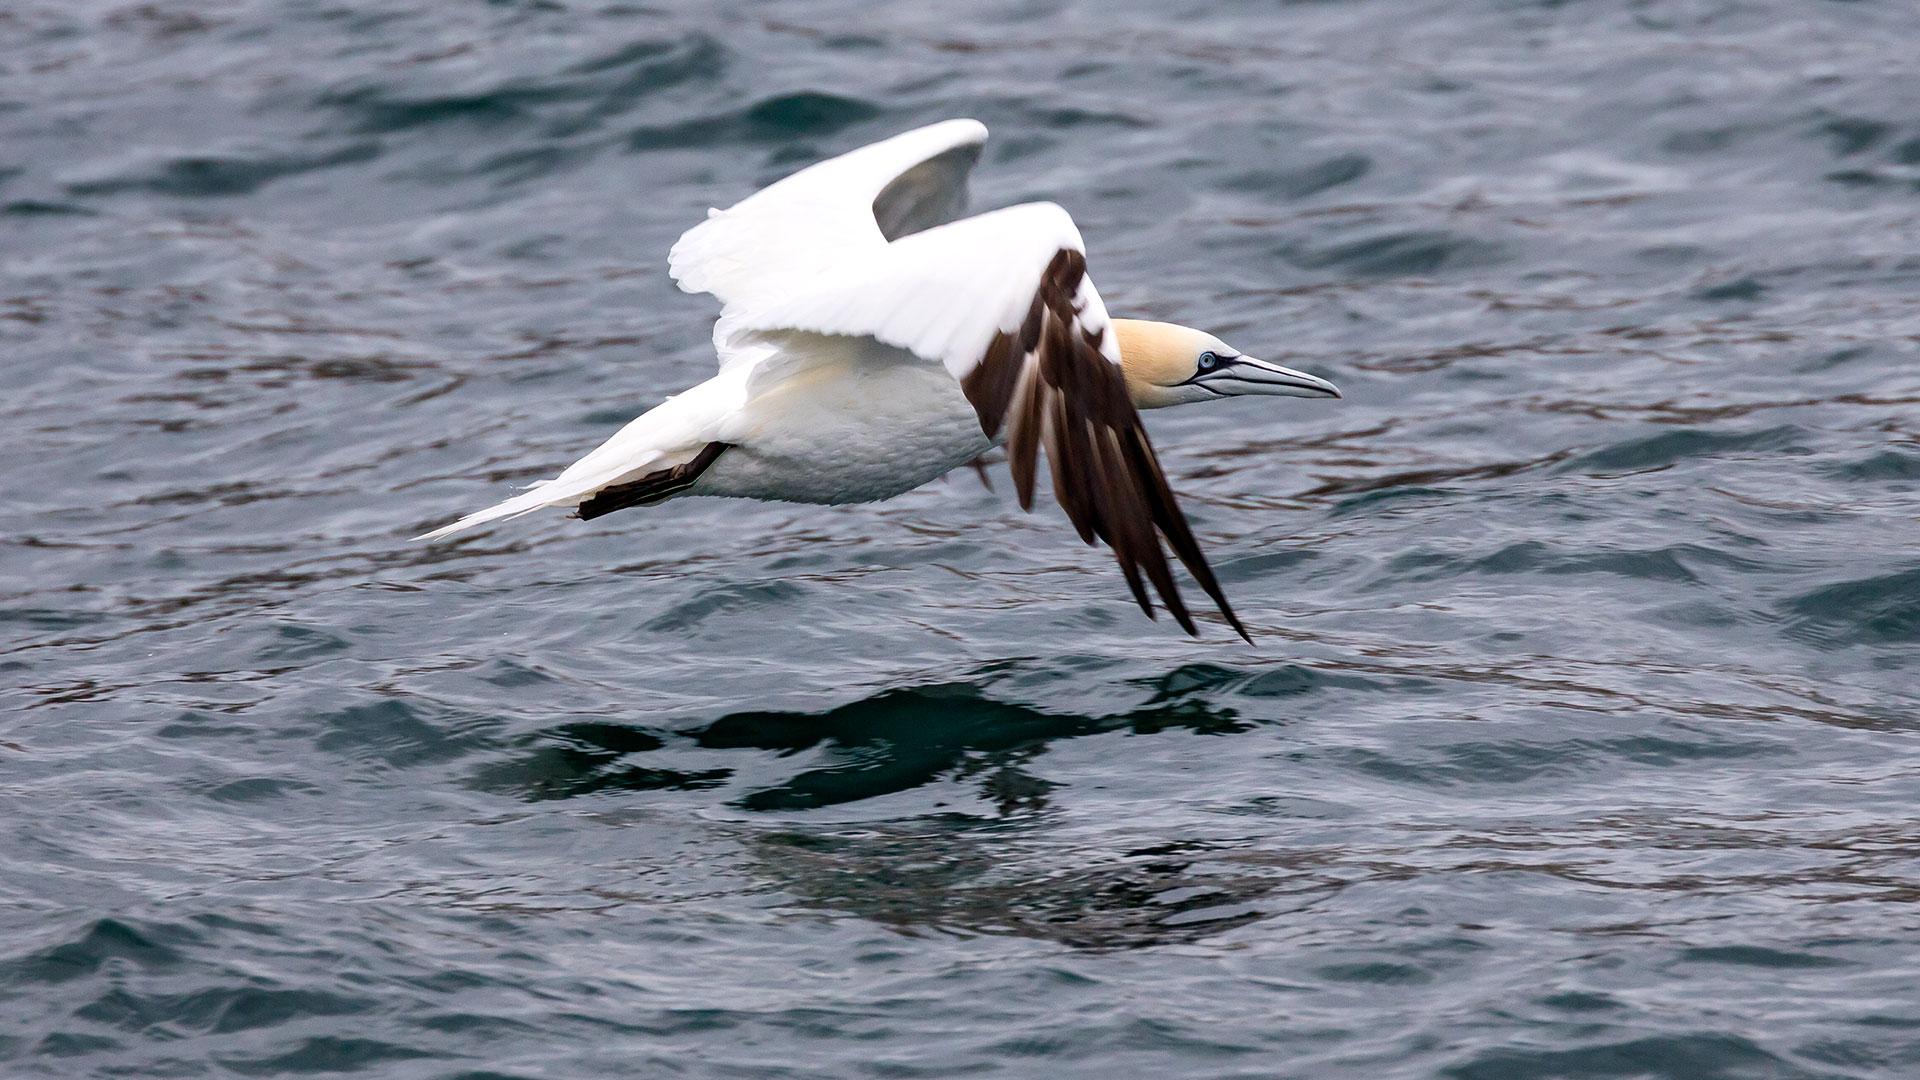 Naturfotografie, Tierfotografie: Les Sept Iles – Basstölpel im Flug | Foto: Dieter Eikenberg, imprints